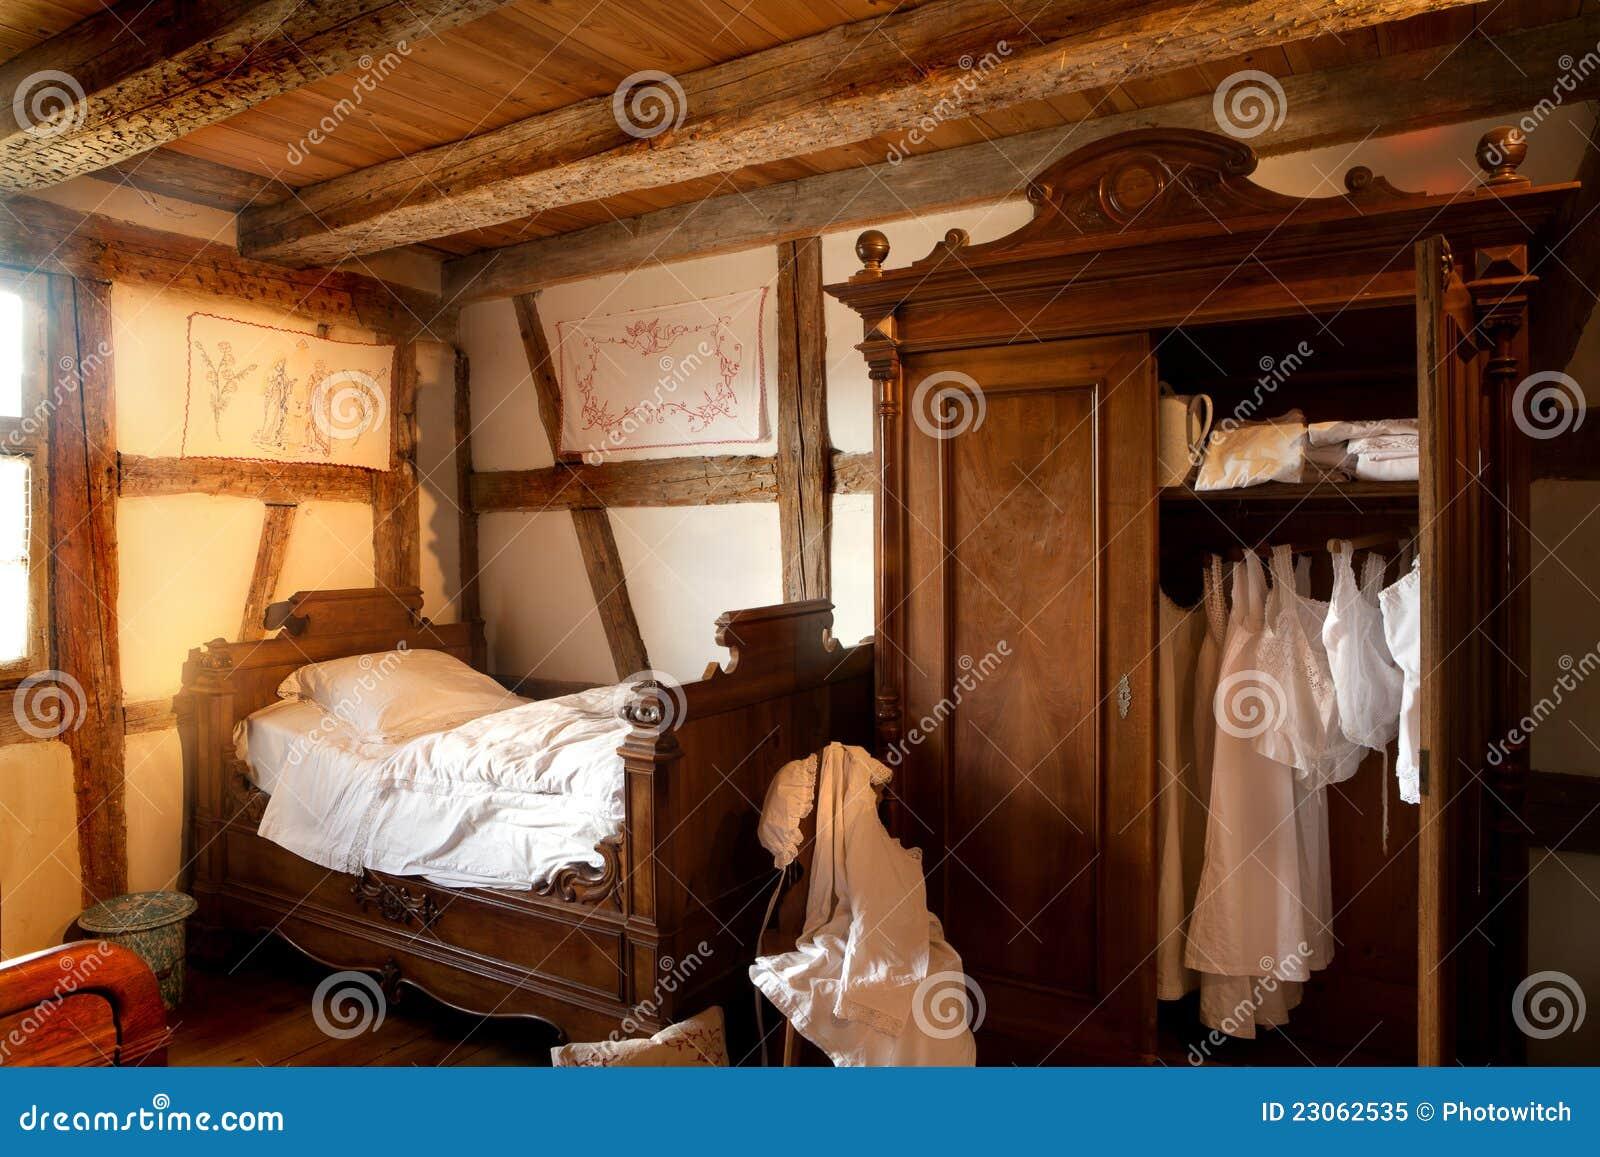 Chambre coucher de 19 me si cle photo libre de droits for Chambre libre